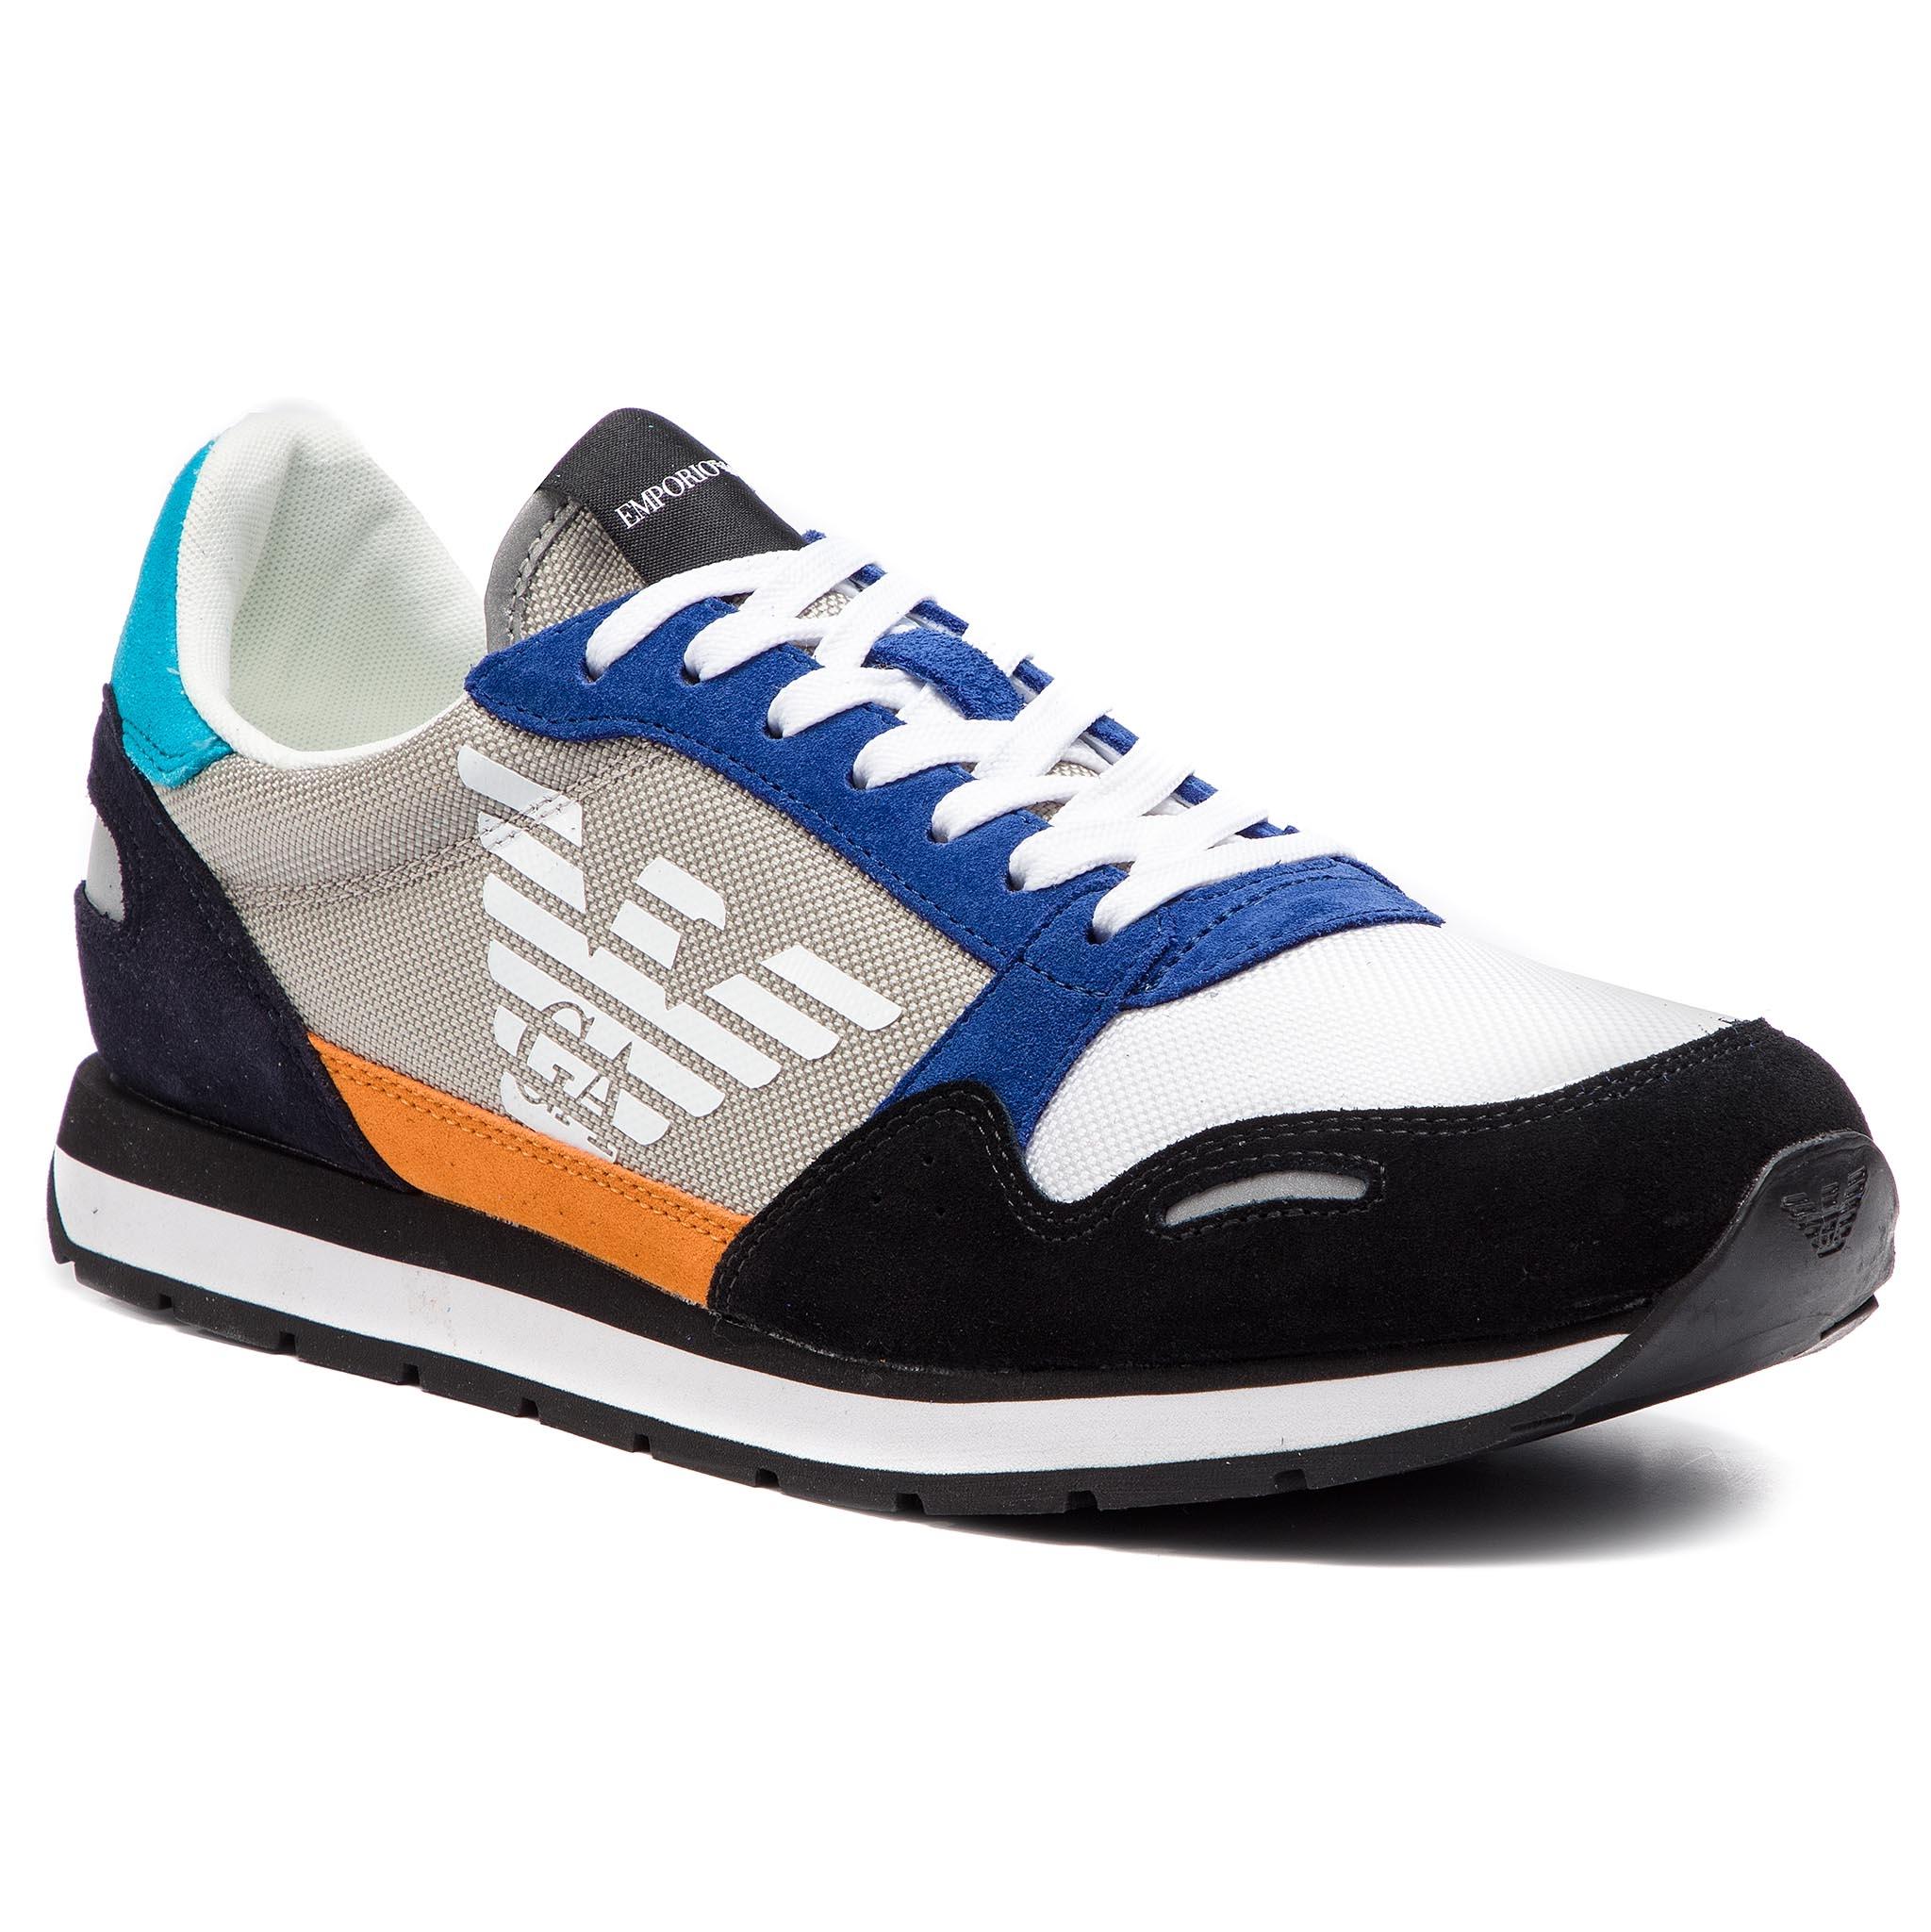 52b8e3c2b1fd3 Sneakers EMPORIO ARMANI - X4X215 XL200 A005 Scarlet Multicolor ...